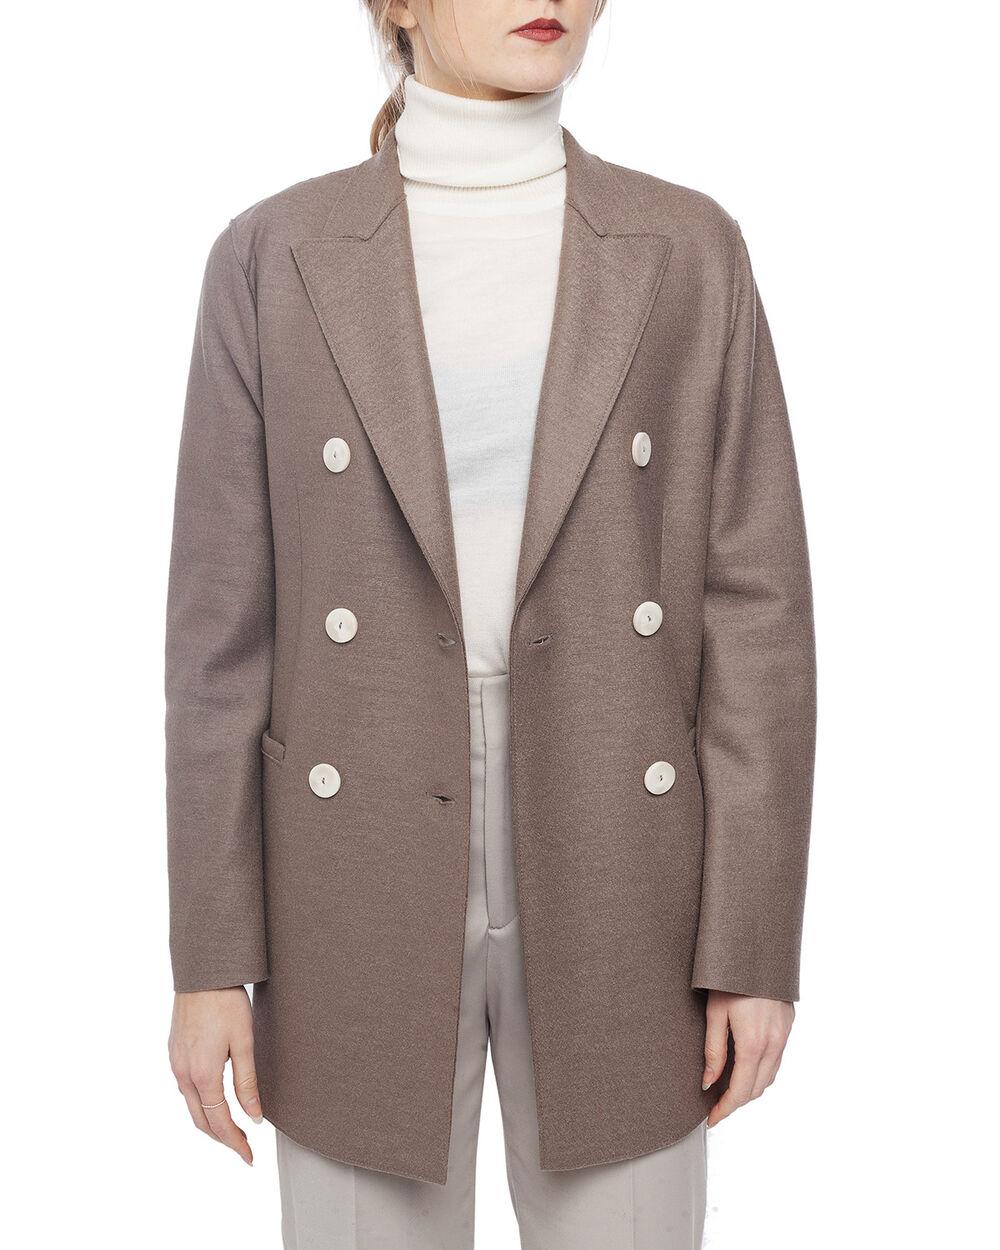 Köp Jackor från Harris Wharf London för Kvinna Online